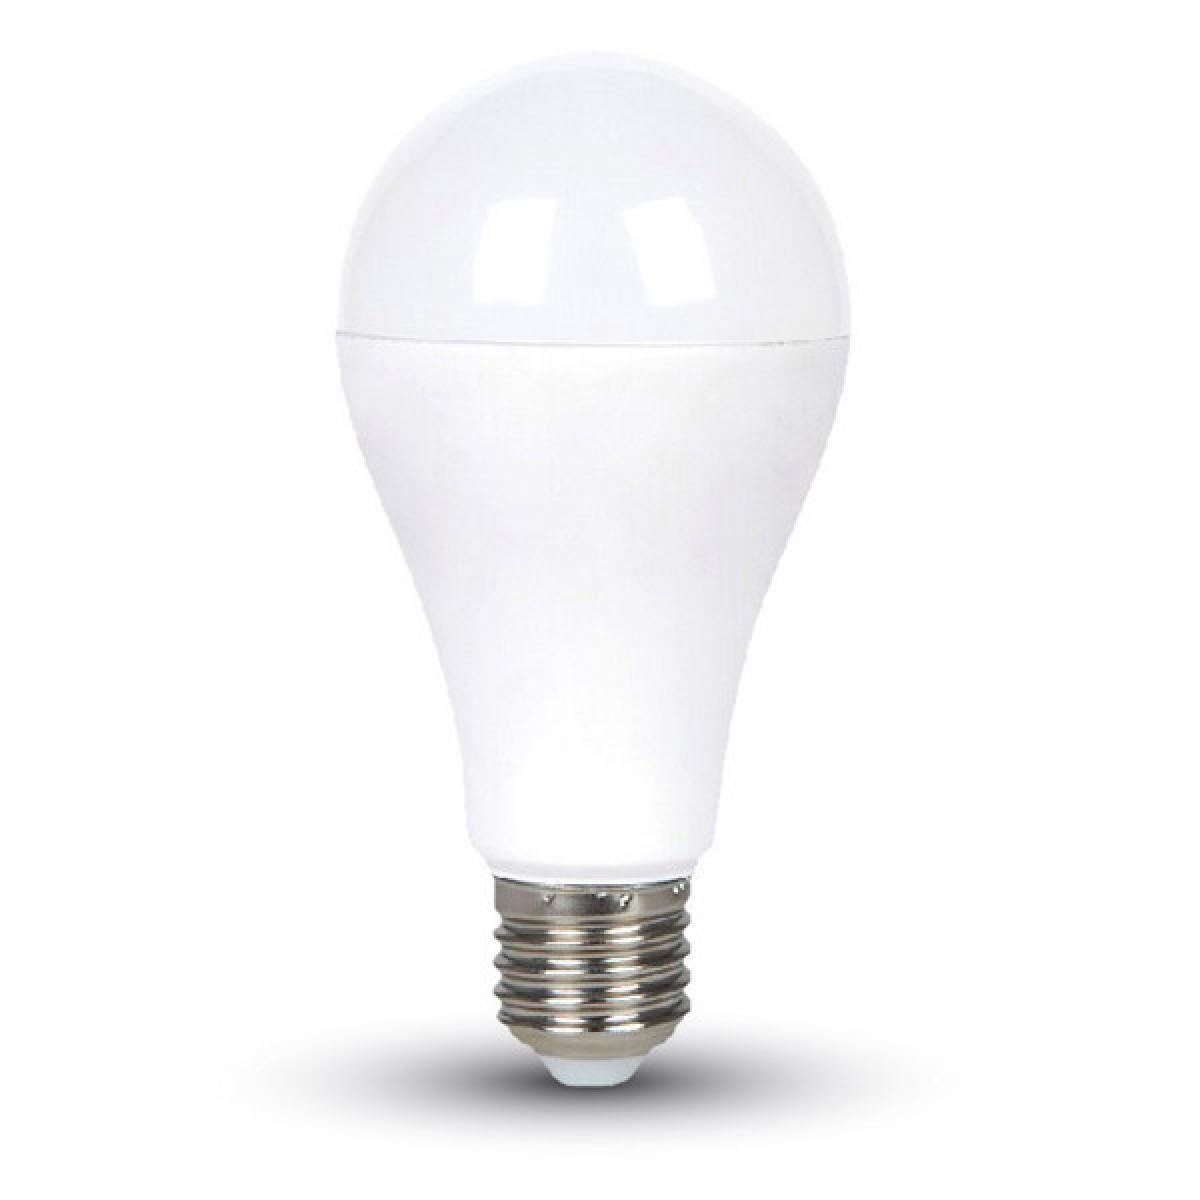 ΛΑΜΠΤΗΡΑΣ LED A65 17w V-TAC |